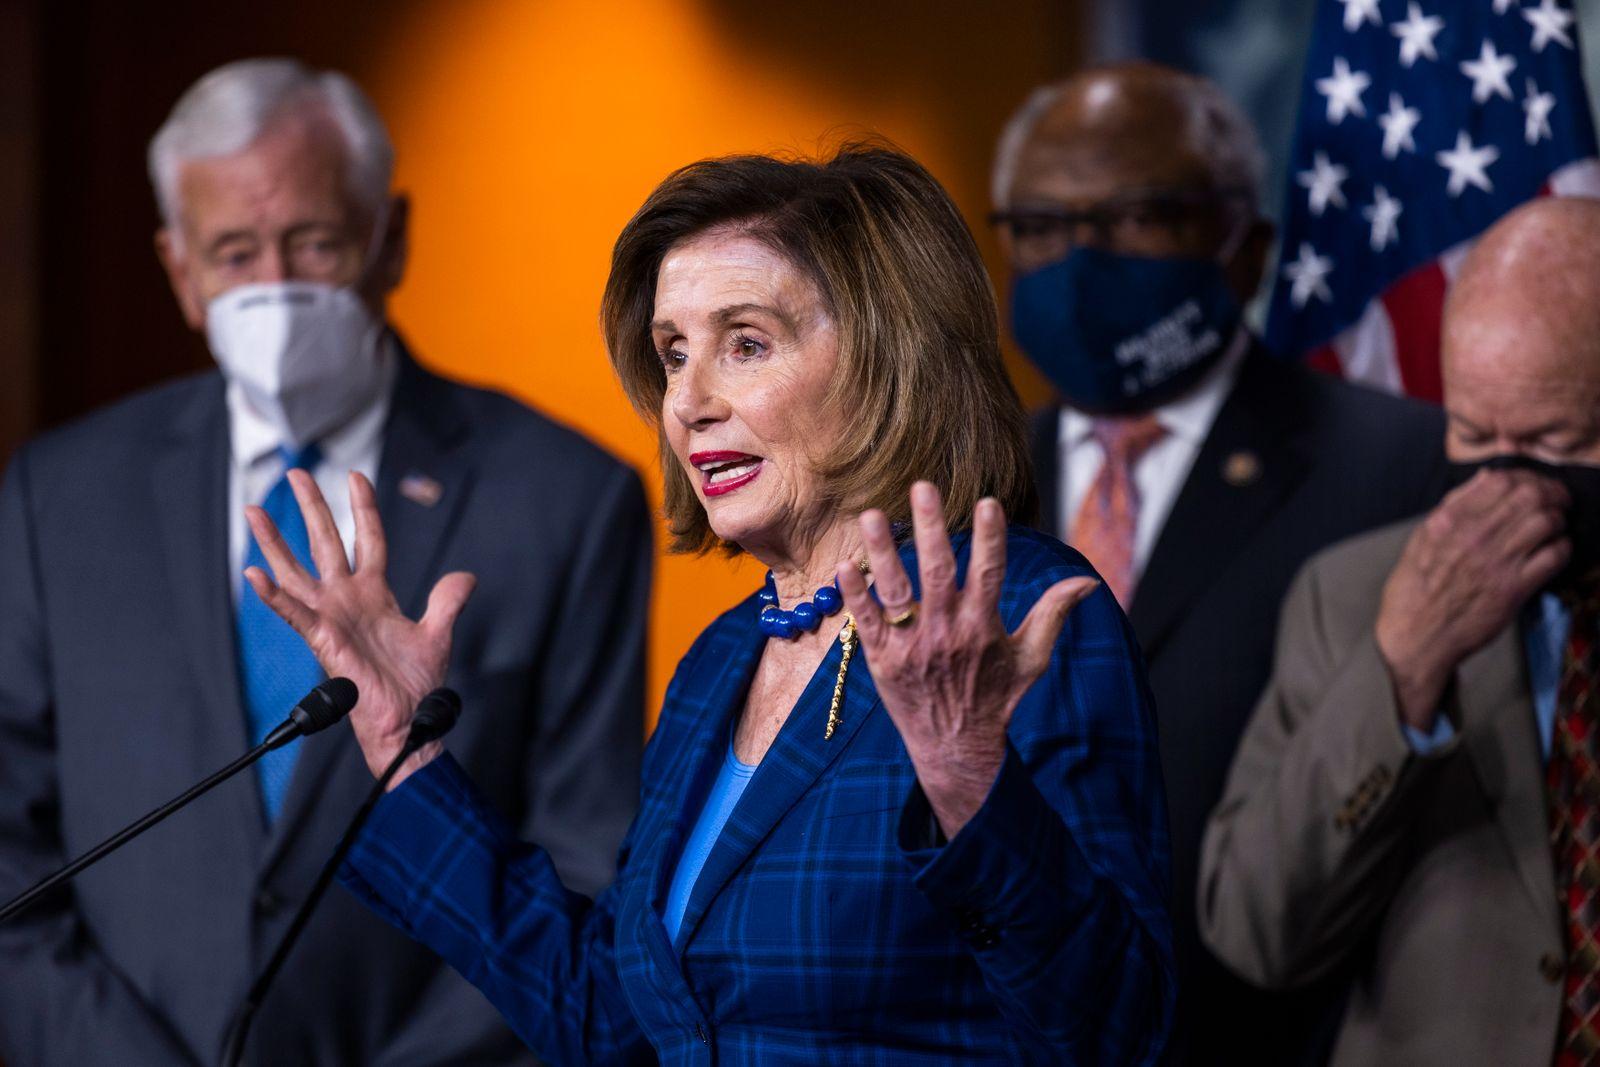 Pelosi speaks on Democrats' legislative agenda in Capitol